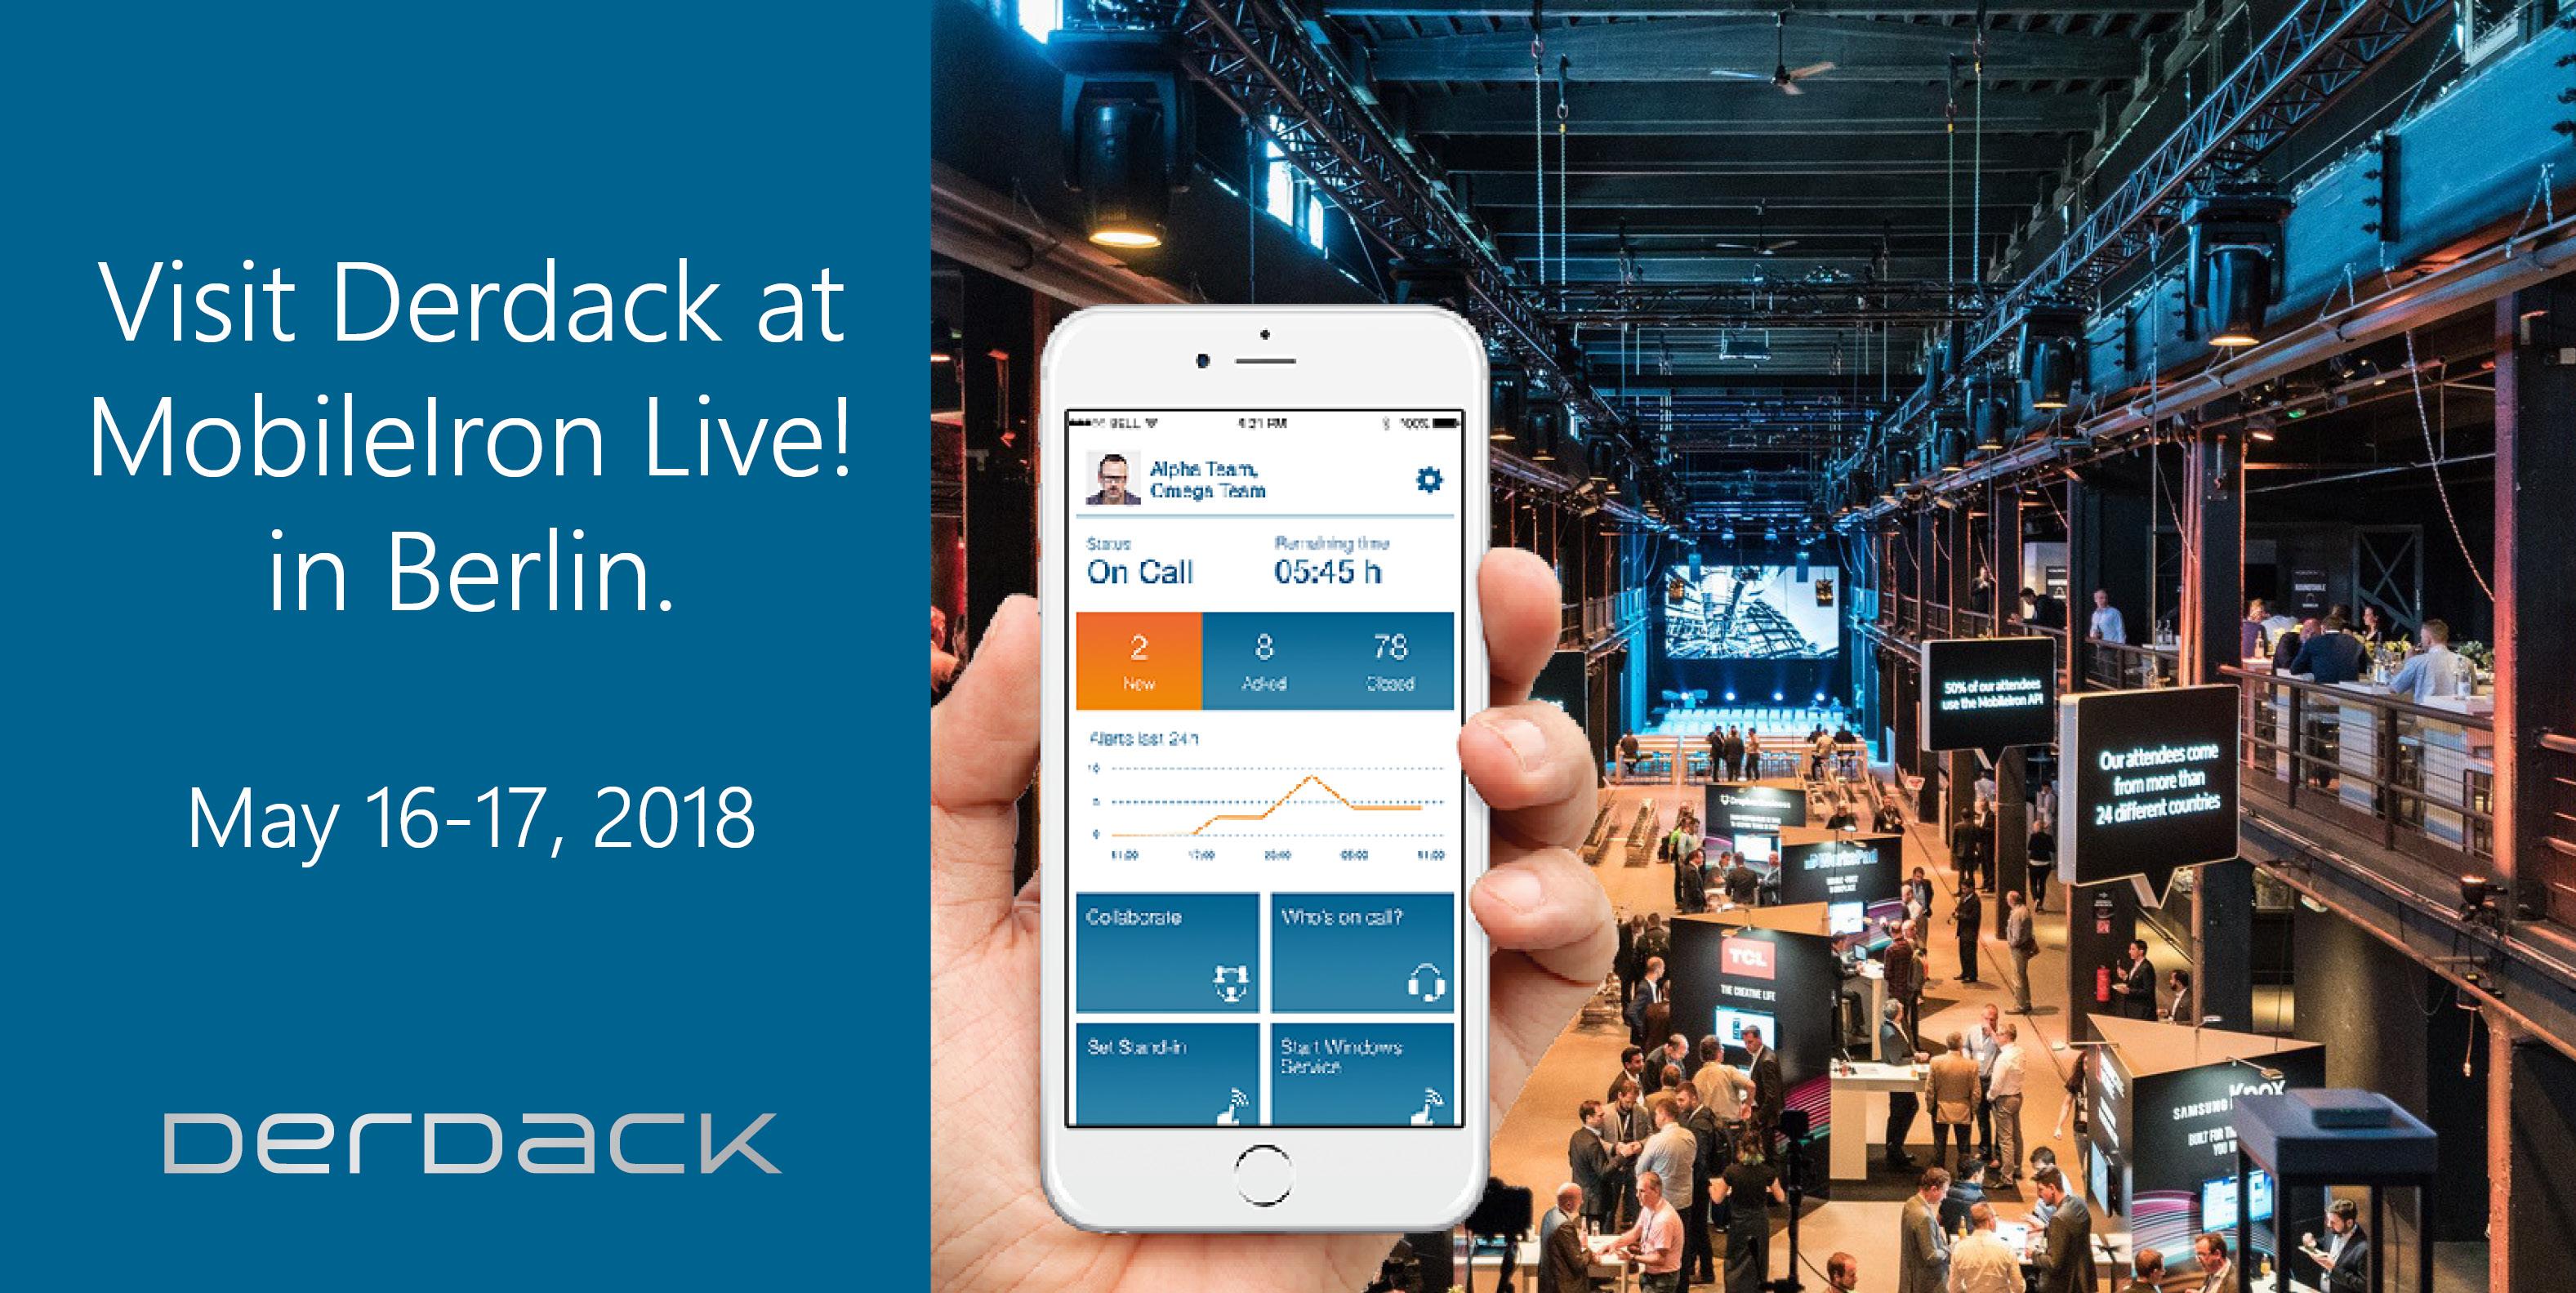 MobileIron Live! 2018